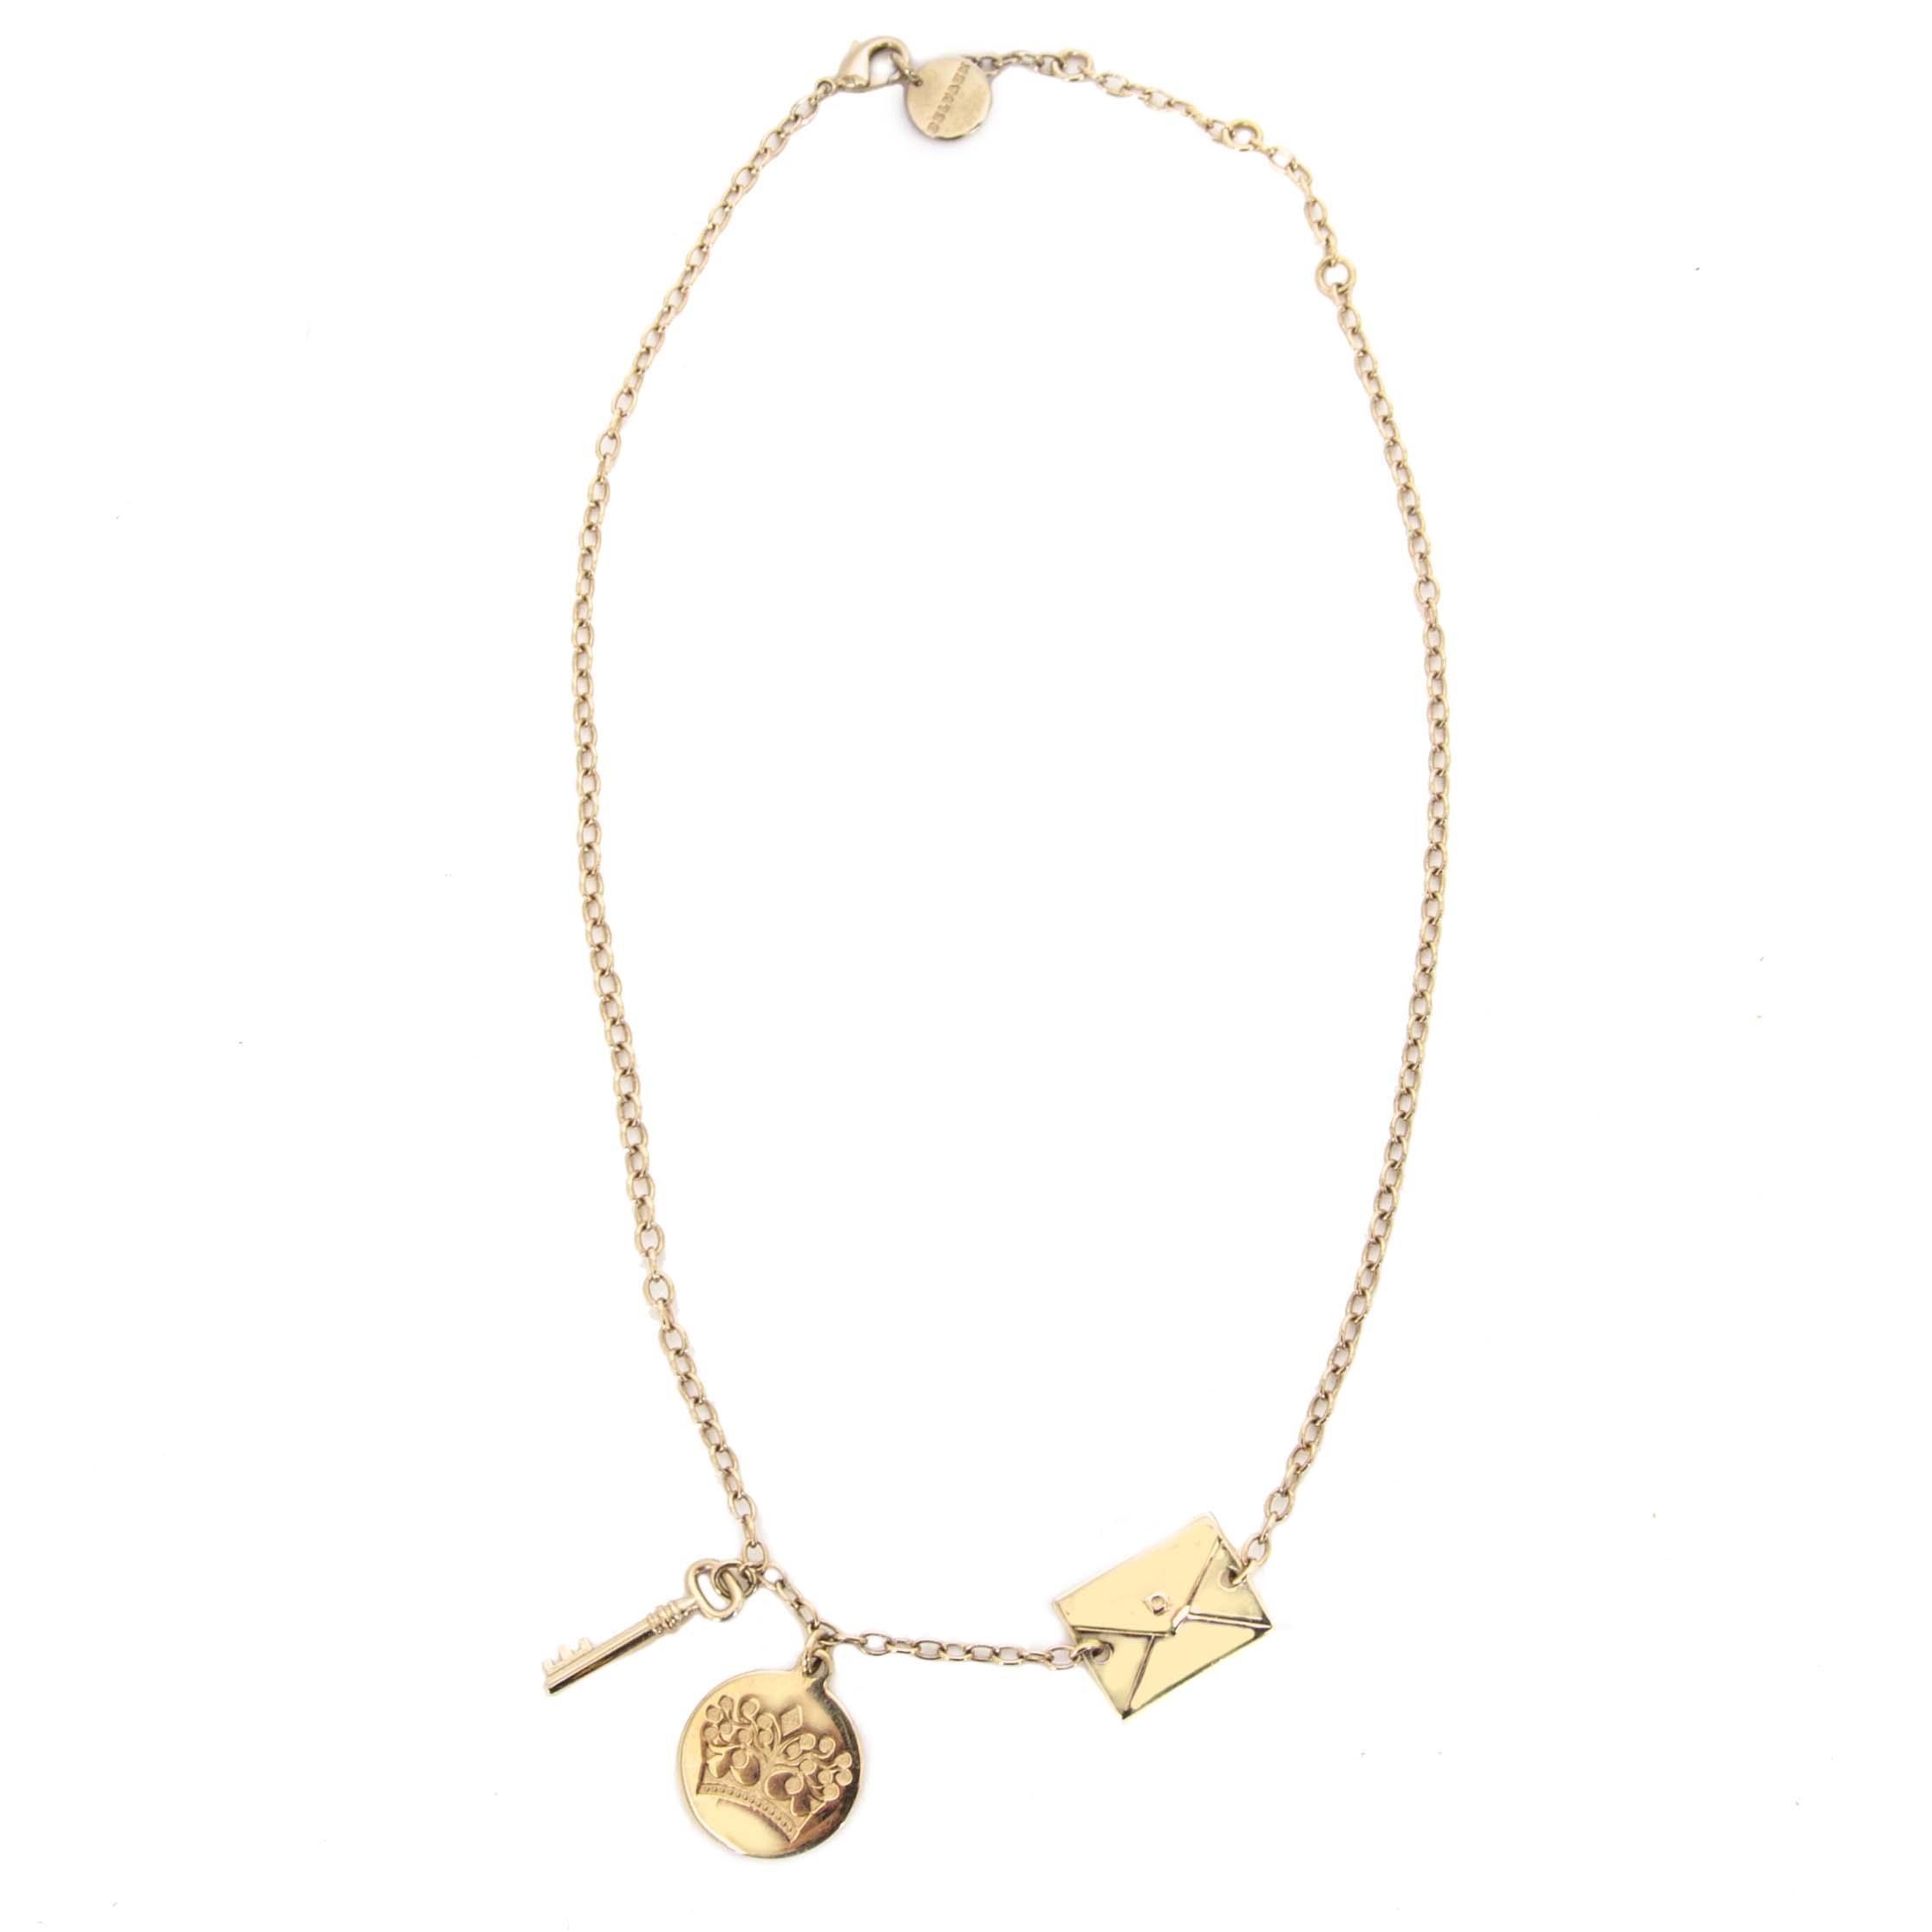 Bent u op zoek naar een authentieke Delvaux Charm Necklace?